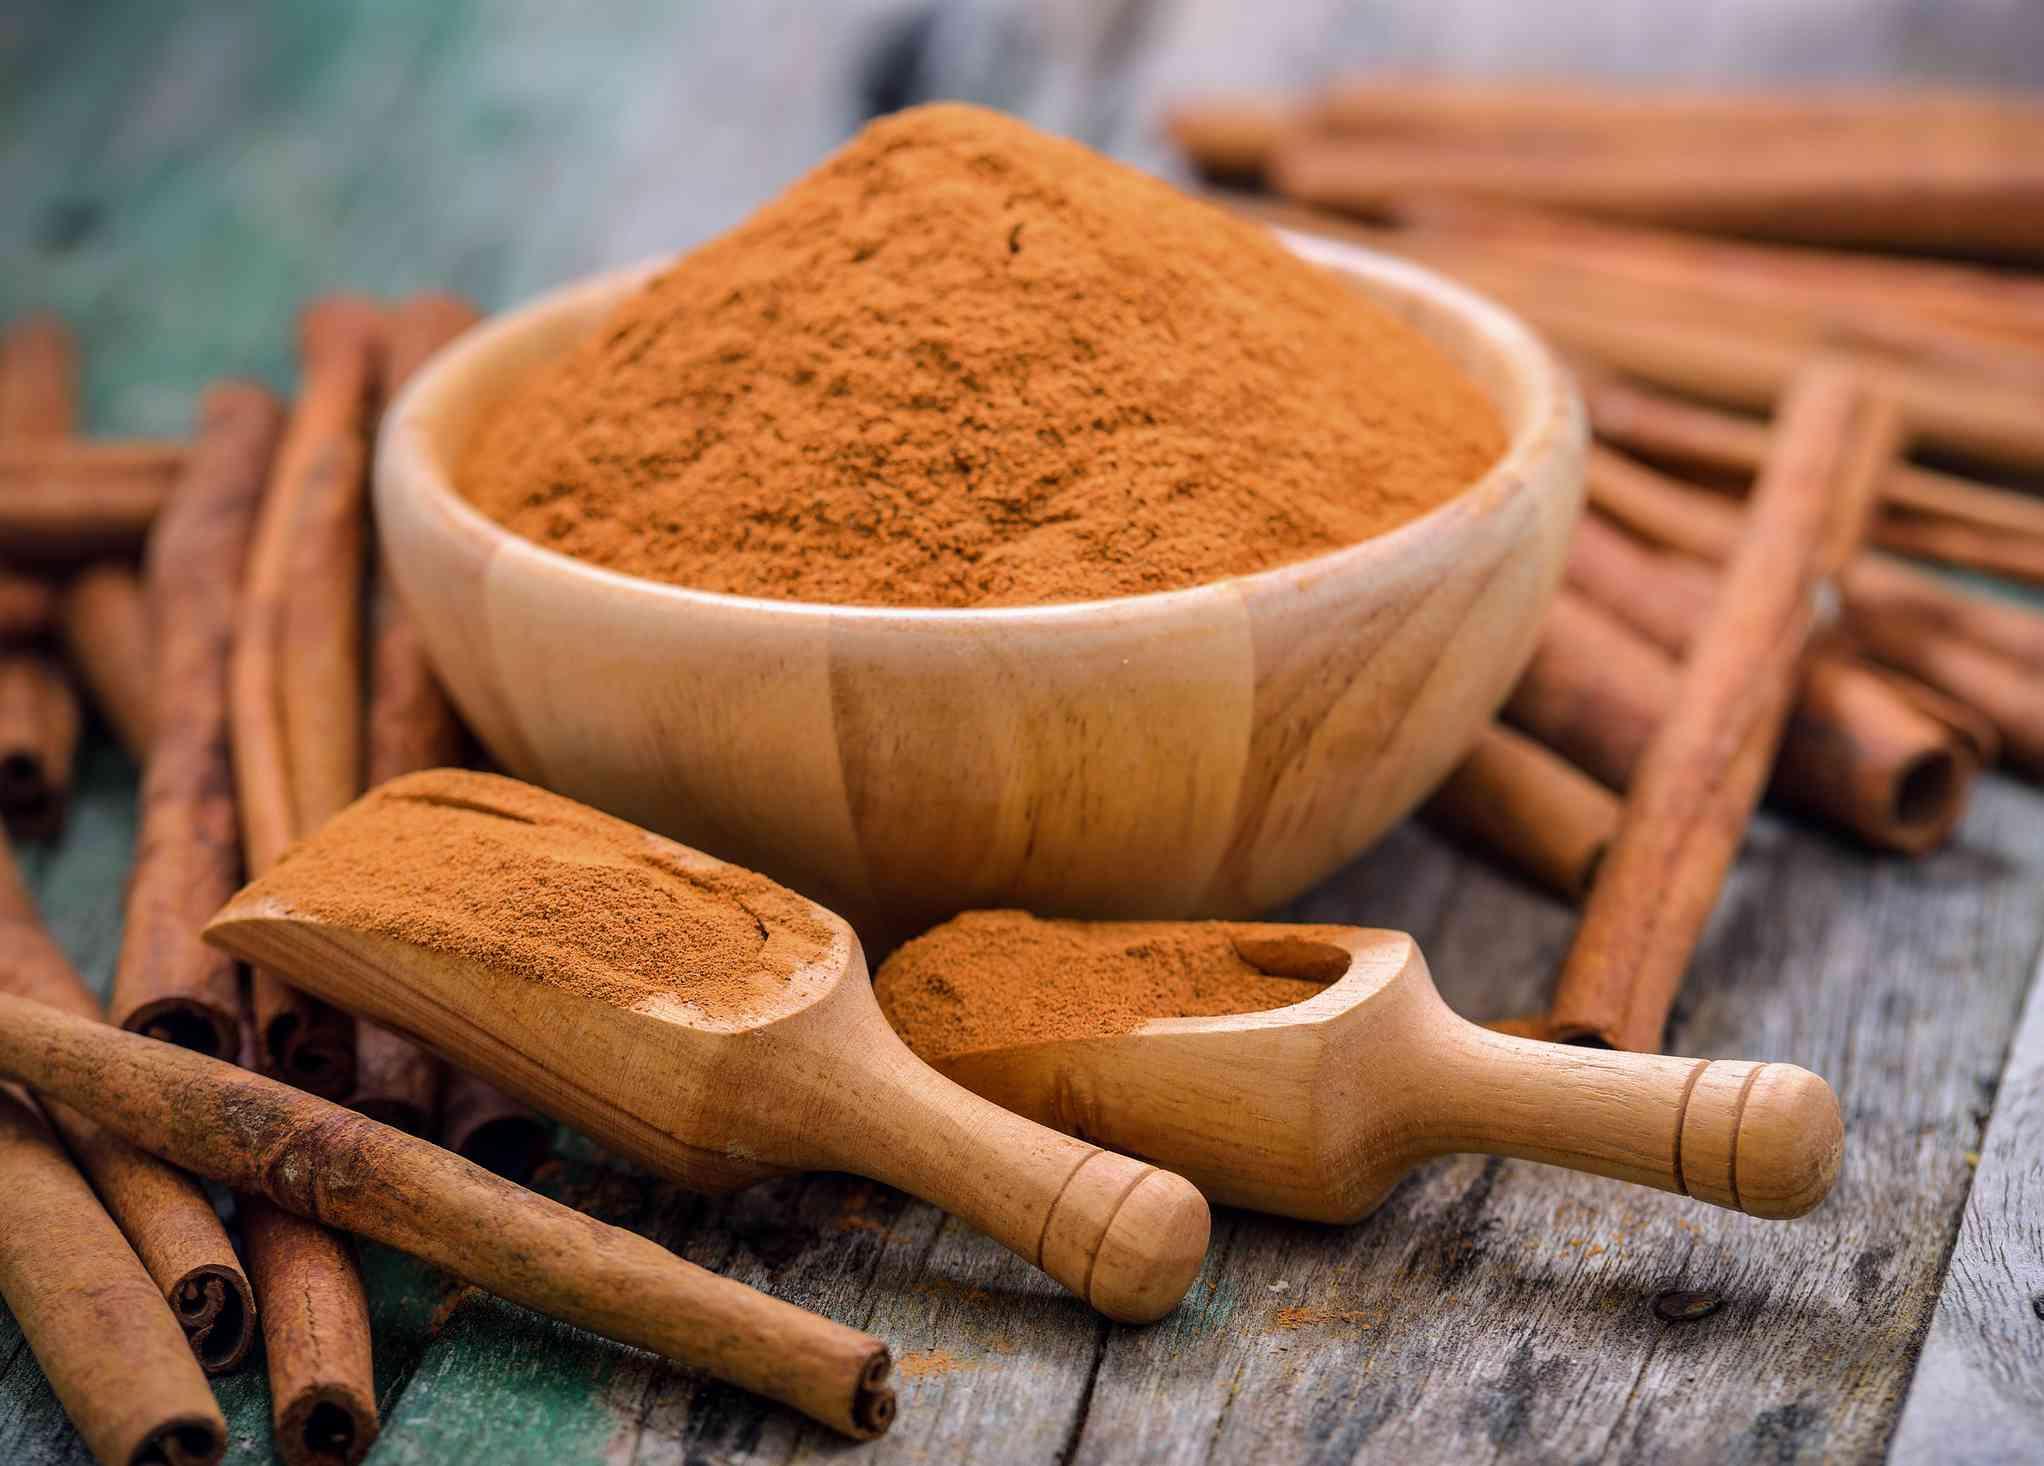 grounded cinnamon